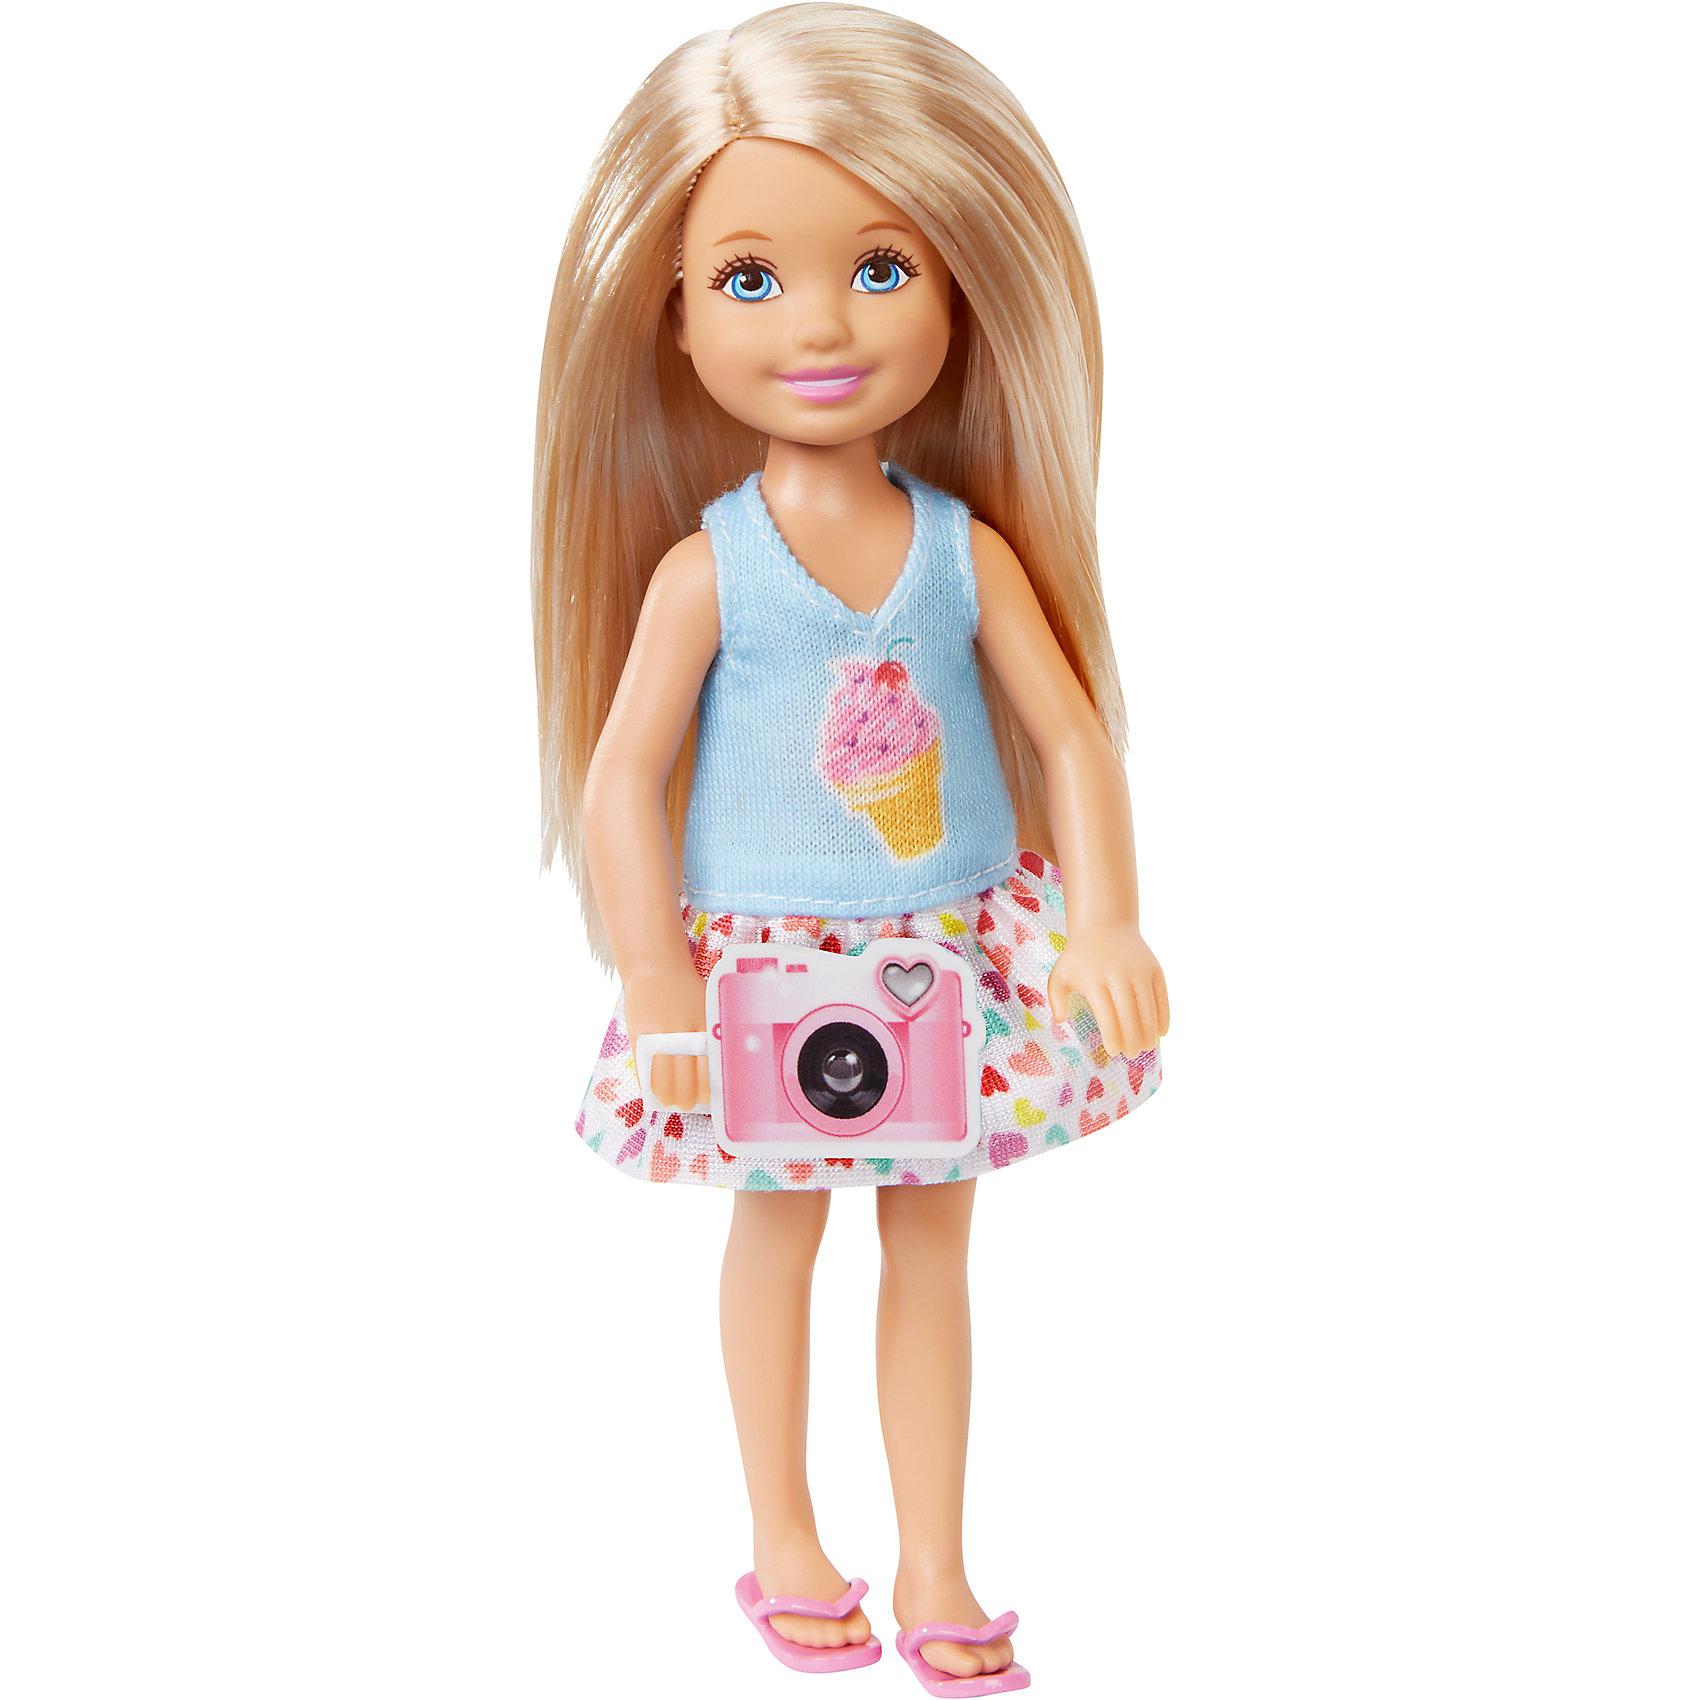 Кукла Челси с аксессуарами, BarbieКуклы Челси – невероятно модный тренд в мире игрушек для девочек. О куклах мечтают, их коллекционируют и превращают в культ. Мультфильм  «Barbie и сестры: охота за щенками» - один из любимых картин девочек. Порадовать ребенка куклой – героиней из этого фильма будет прекрасным решением.  Каждая кукла – уникальный образ и умопомрачительный наряд. Собрав все куклы коллекции, девочка будет невероятно счастлива! Отдельно можно приобрести дополнительные наряды. Материалы, использованные при изготовлении игрушек, полностью безопасны для детей и отвечают всем требованиям по качеству.<br><br>Дополнительная информация: <br><br>цвет: в ассортименте;<br>материал: пластик, текстиль.<br><br>Куклы Челси с аксессуарами, Barbie от компании Mattel можно приобрести в нашем магазине.<br><br>Ширина мм: 40<br>Глубина мм: 90<br>Высота мм: 160<br>Вес г: 73<br>Возраст от месяцев: 36<br>Возраст до месяцев: 120<br>Пол: Женский<br>Возраст: Детский<br>SKU: 5004447